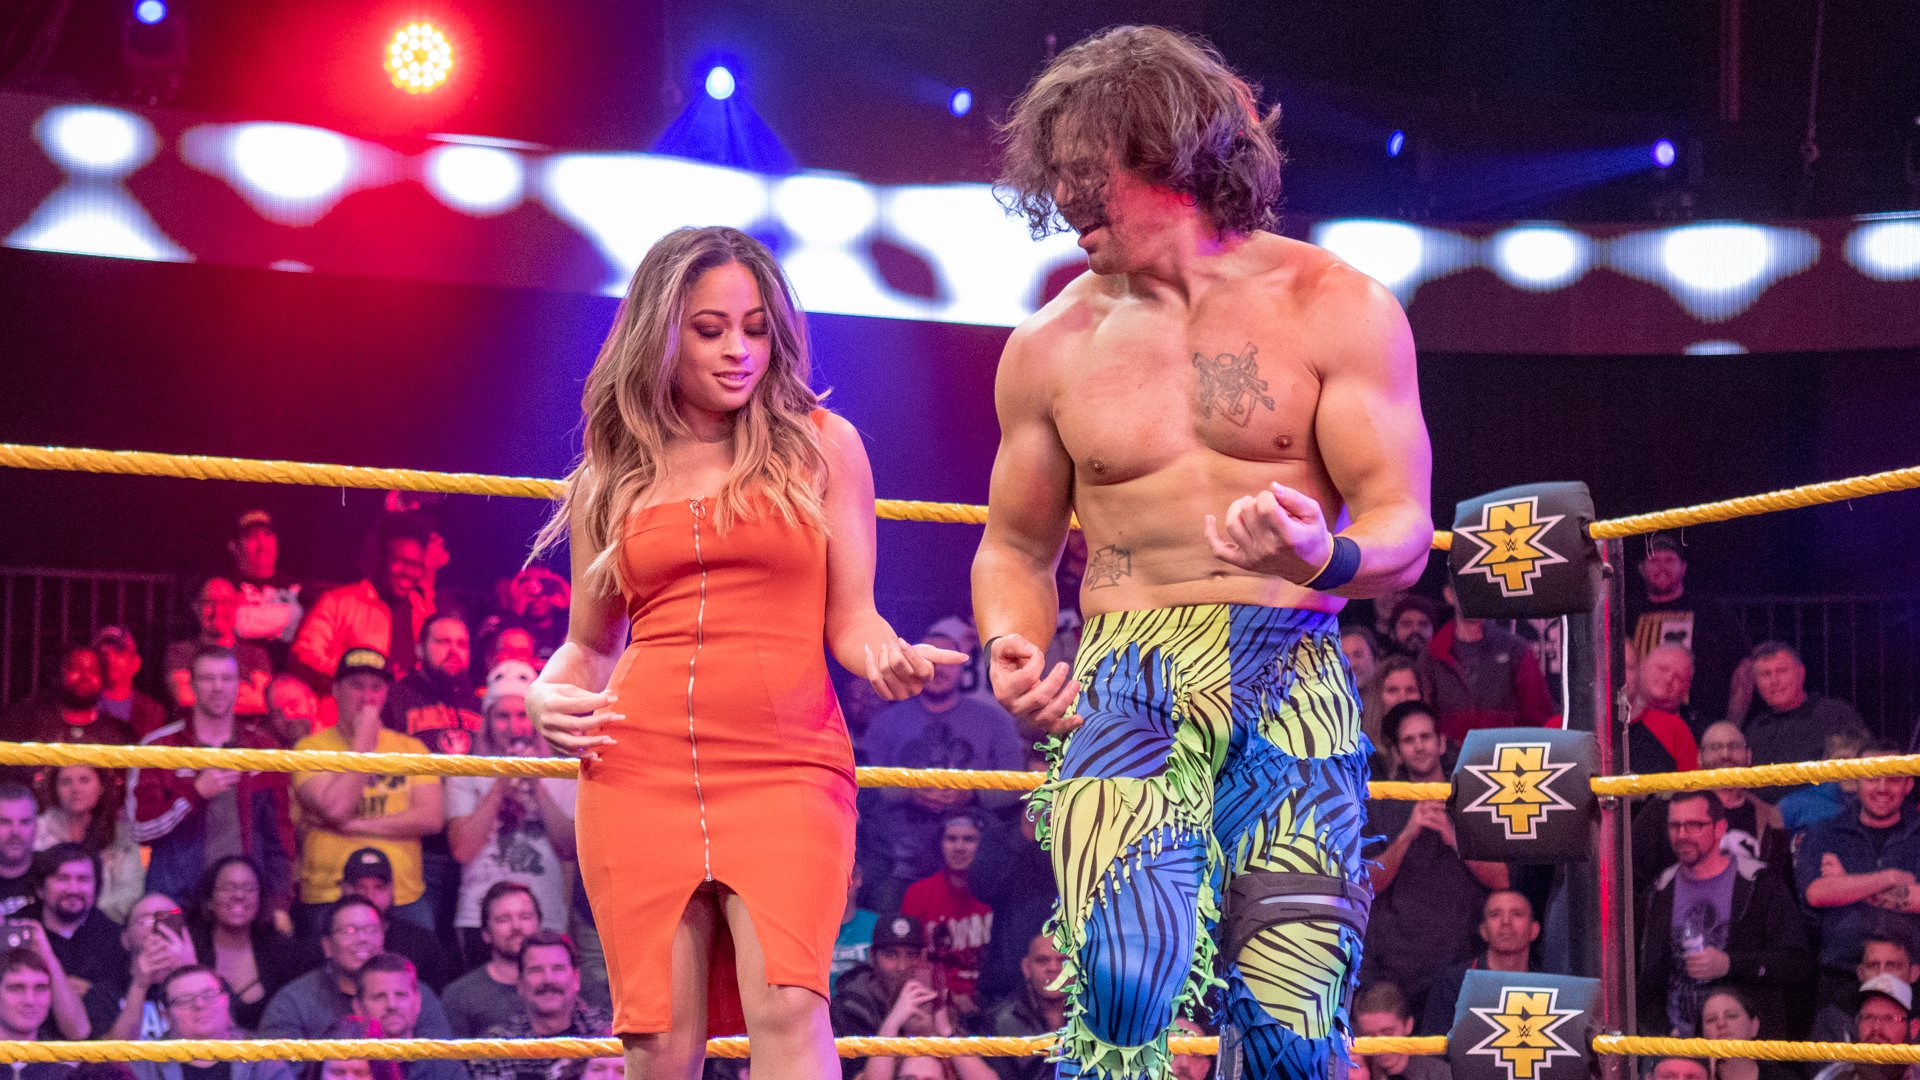 Kayla Braxton rejoint Eric Bugenhagen dans un après show épique: Exclusivité WWE.fr, 6 Fev 2019